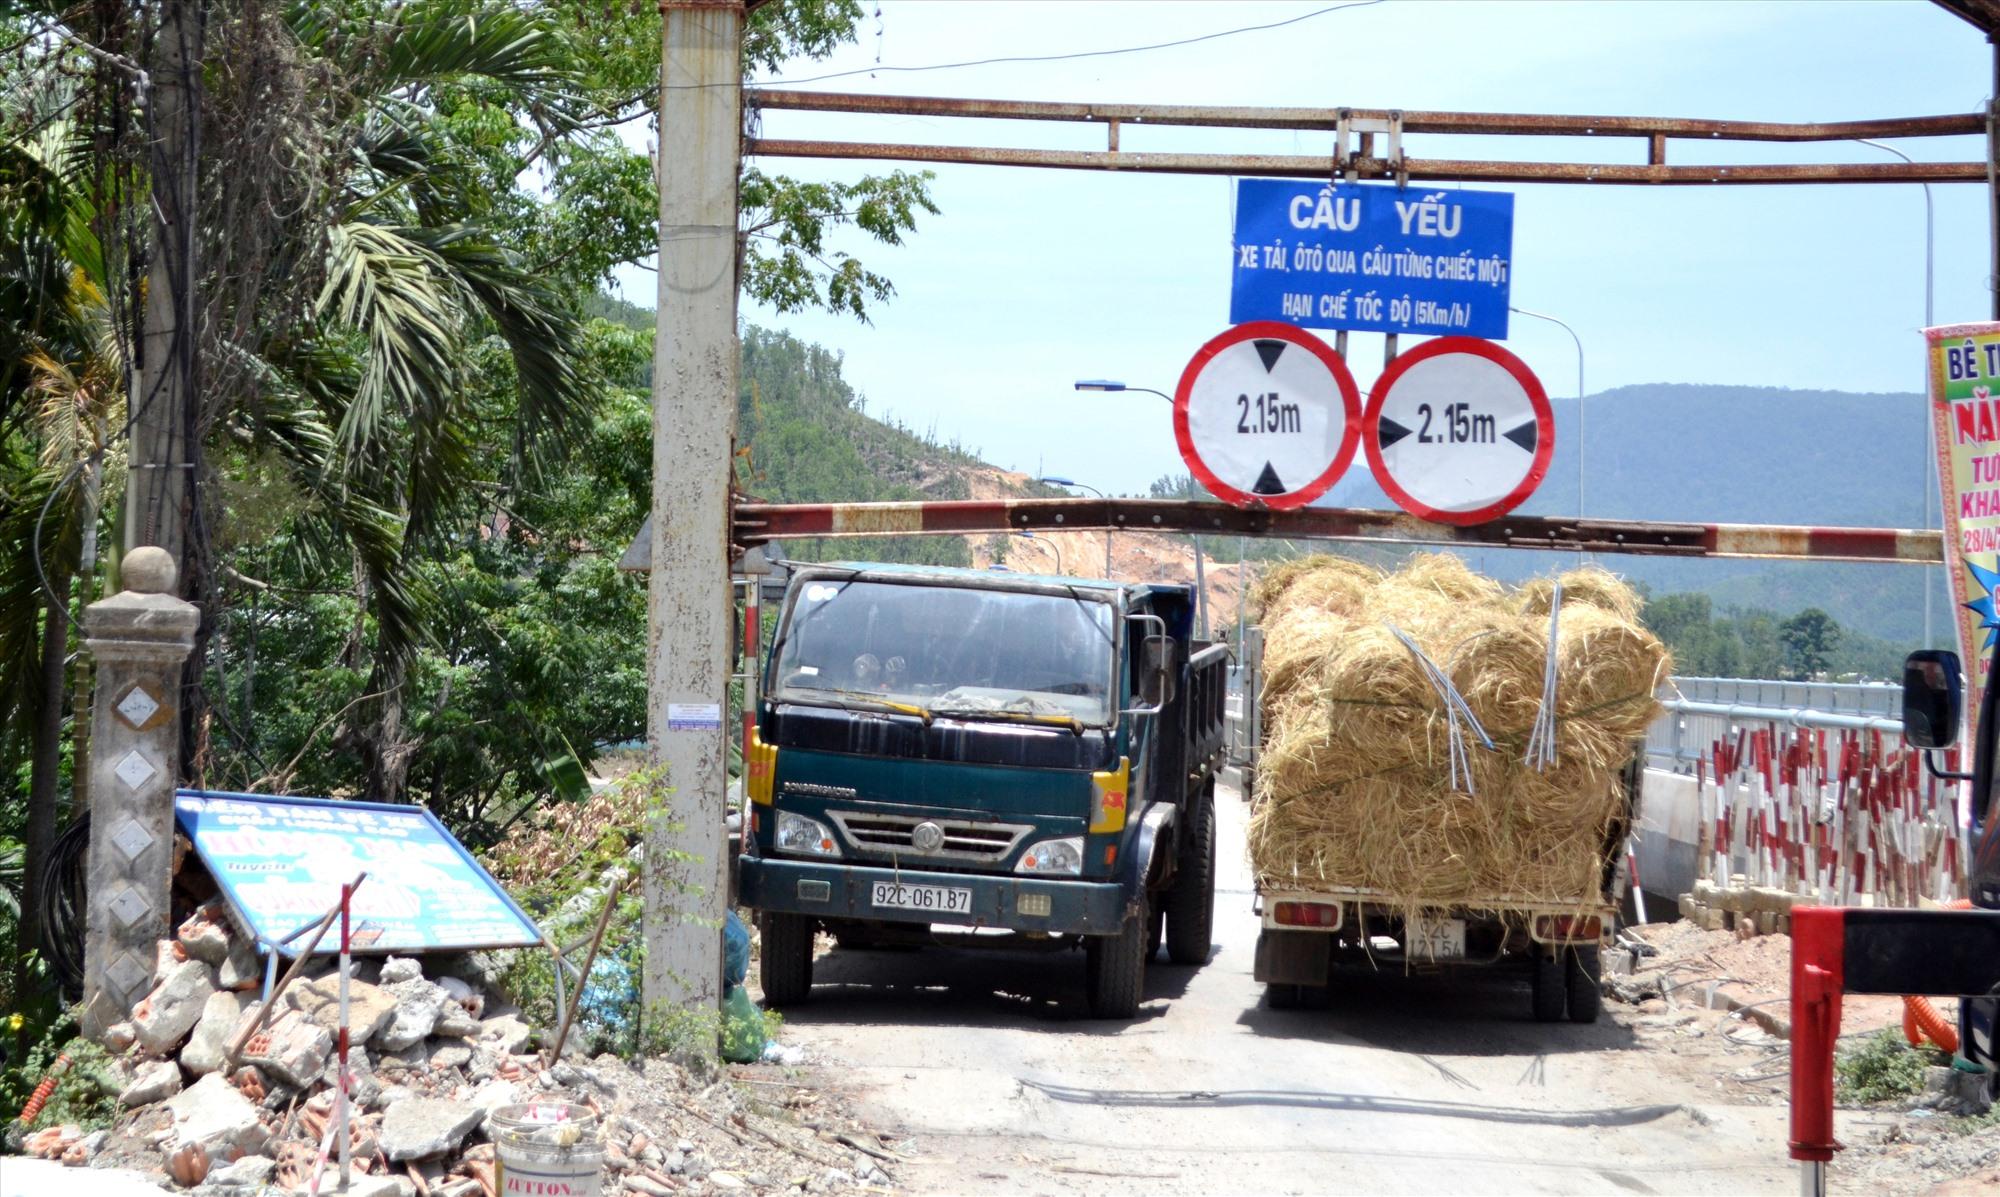 Kẹt xe khi qua cầu Nông Sơn trên tuyến quốc lộ 14H qua địa bàn huyện Nông Sơn. Ảnh: T.C.T